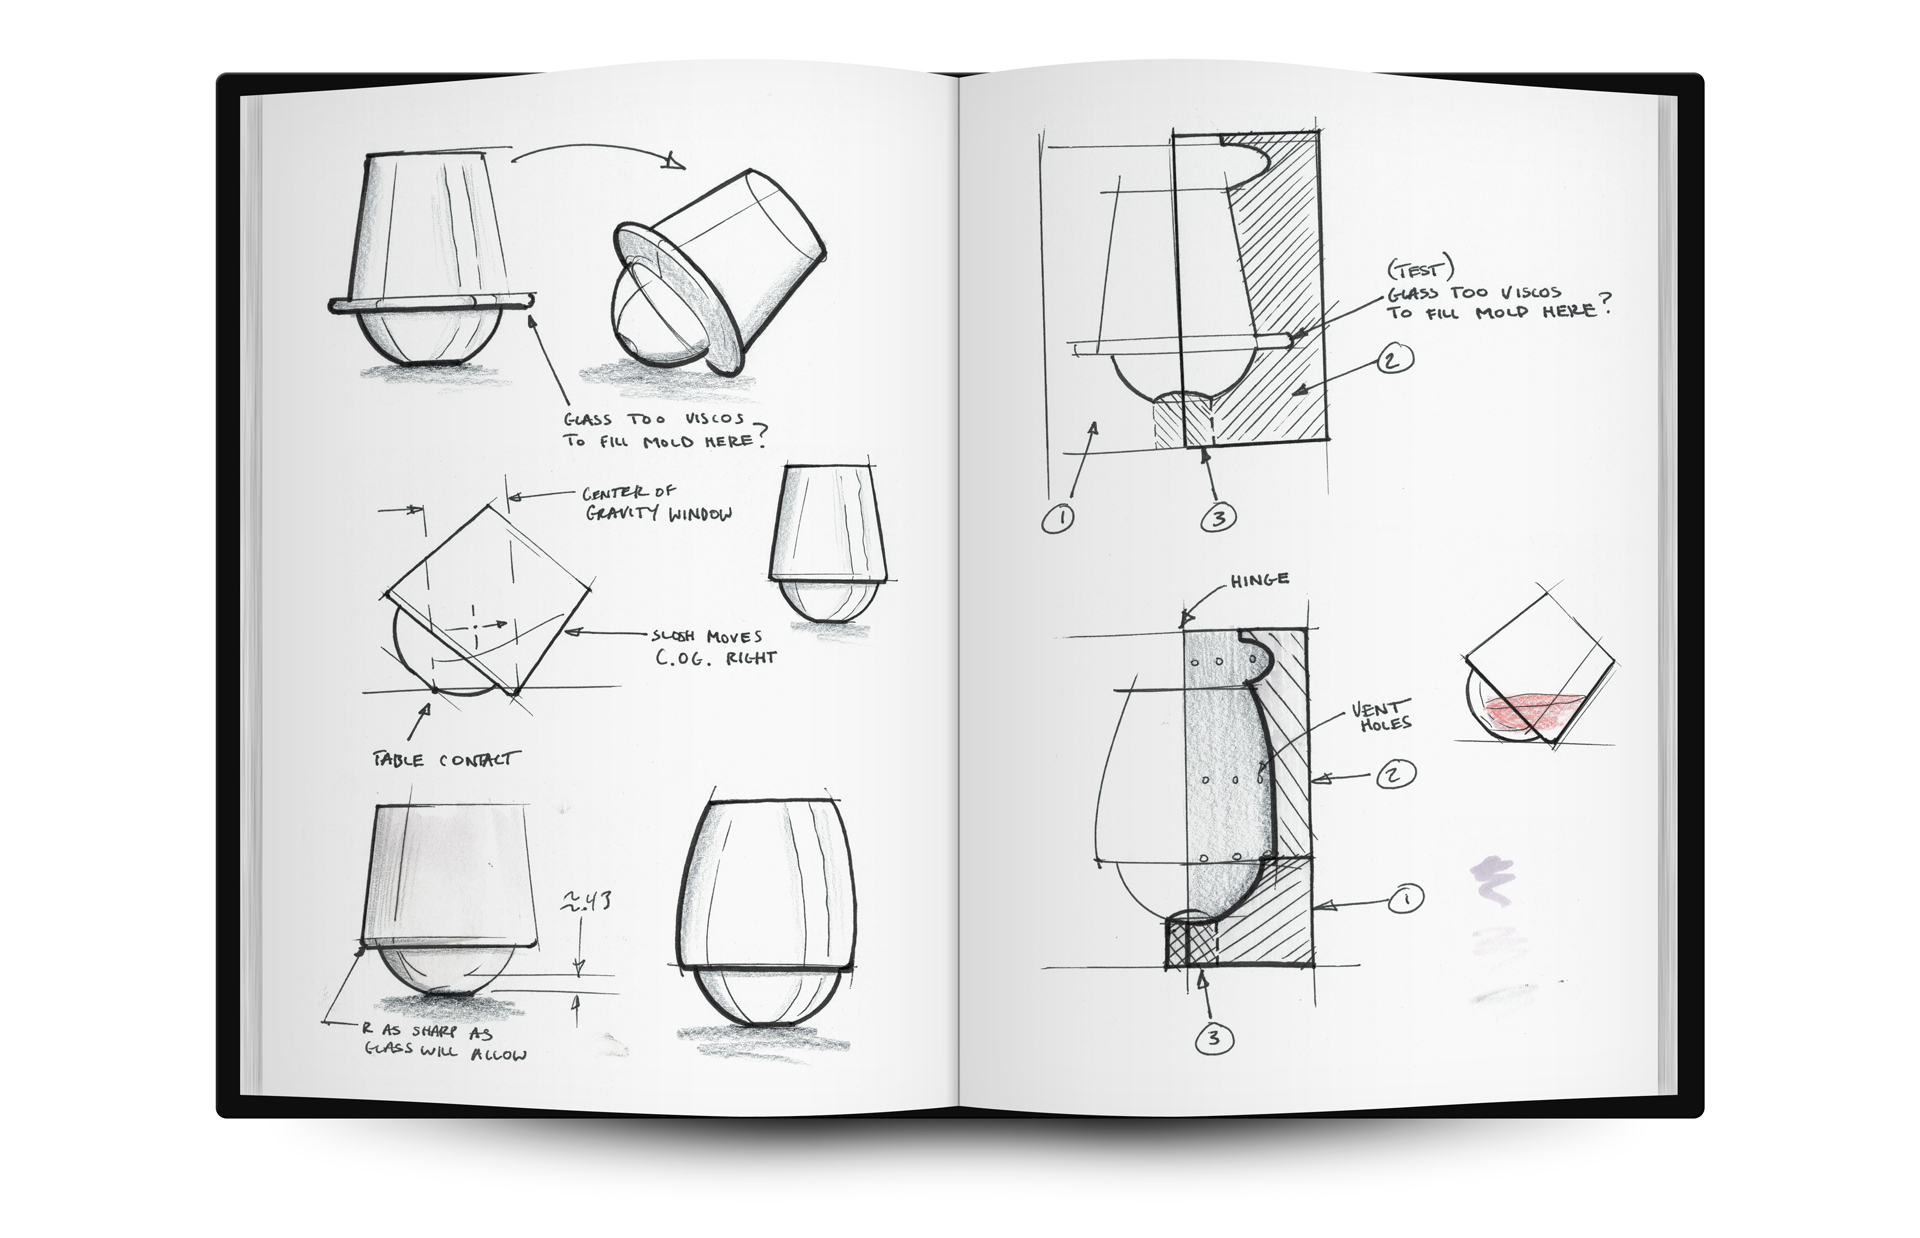 SaturnSketches.jpg